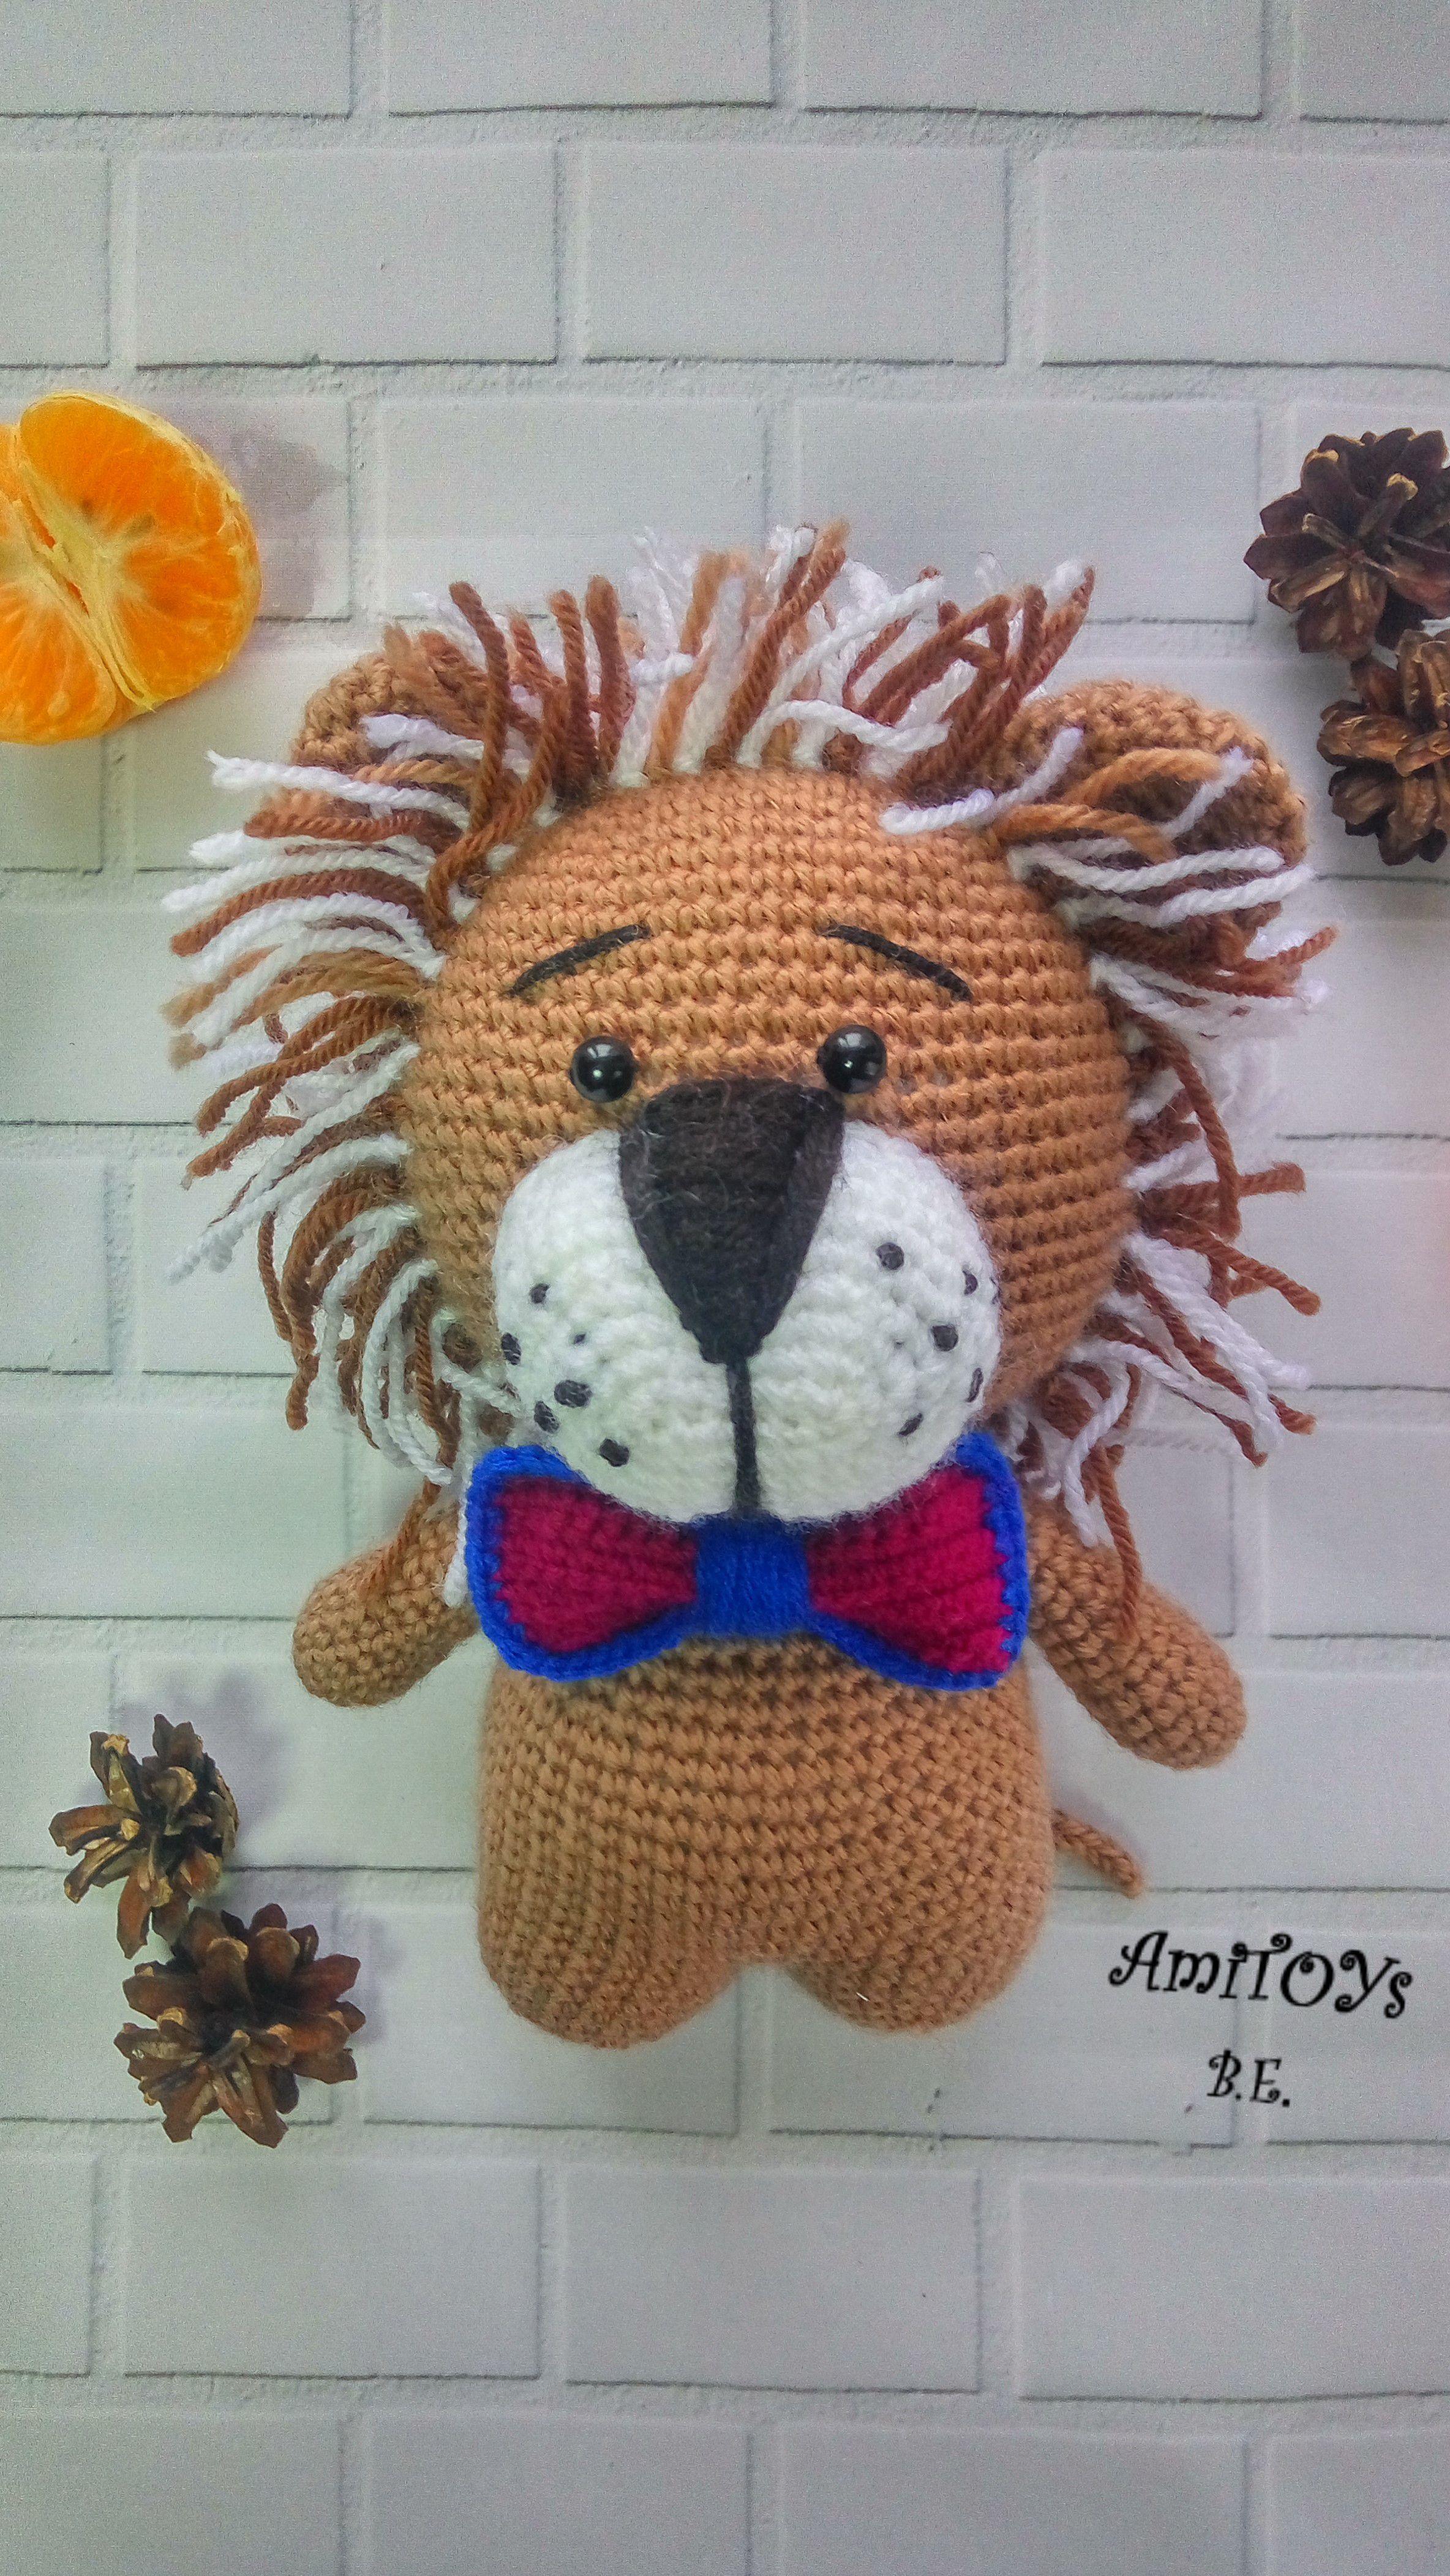 львенок день мужчине подарок рождения лев амигуруми заказ ручная февраля детям handmade вязаная мягкая работа игрушка крючком